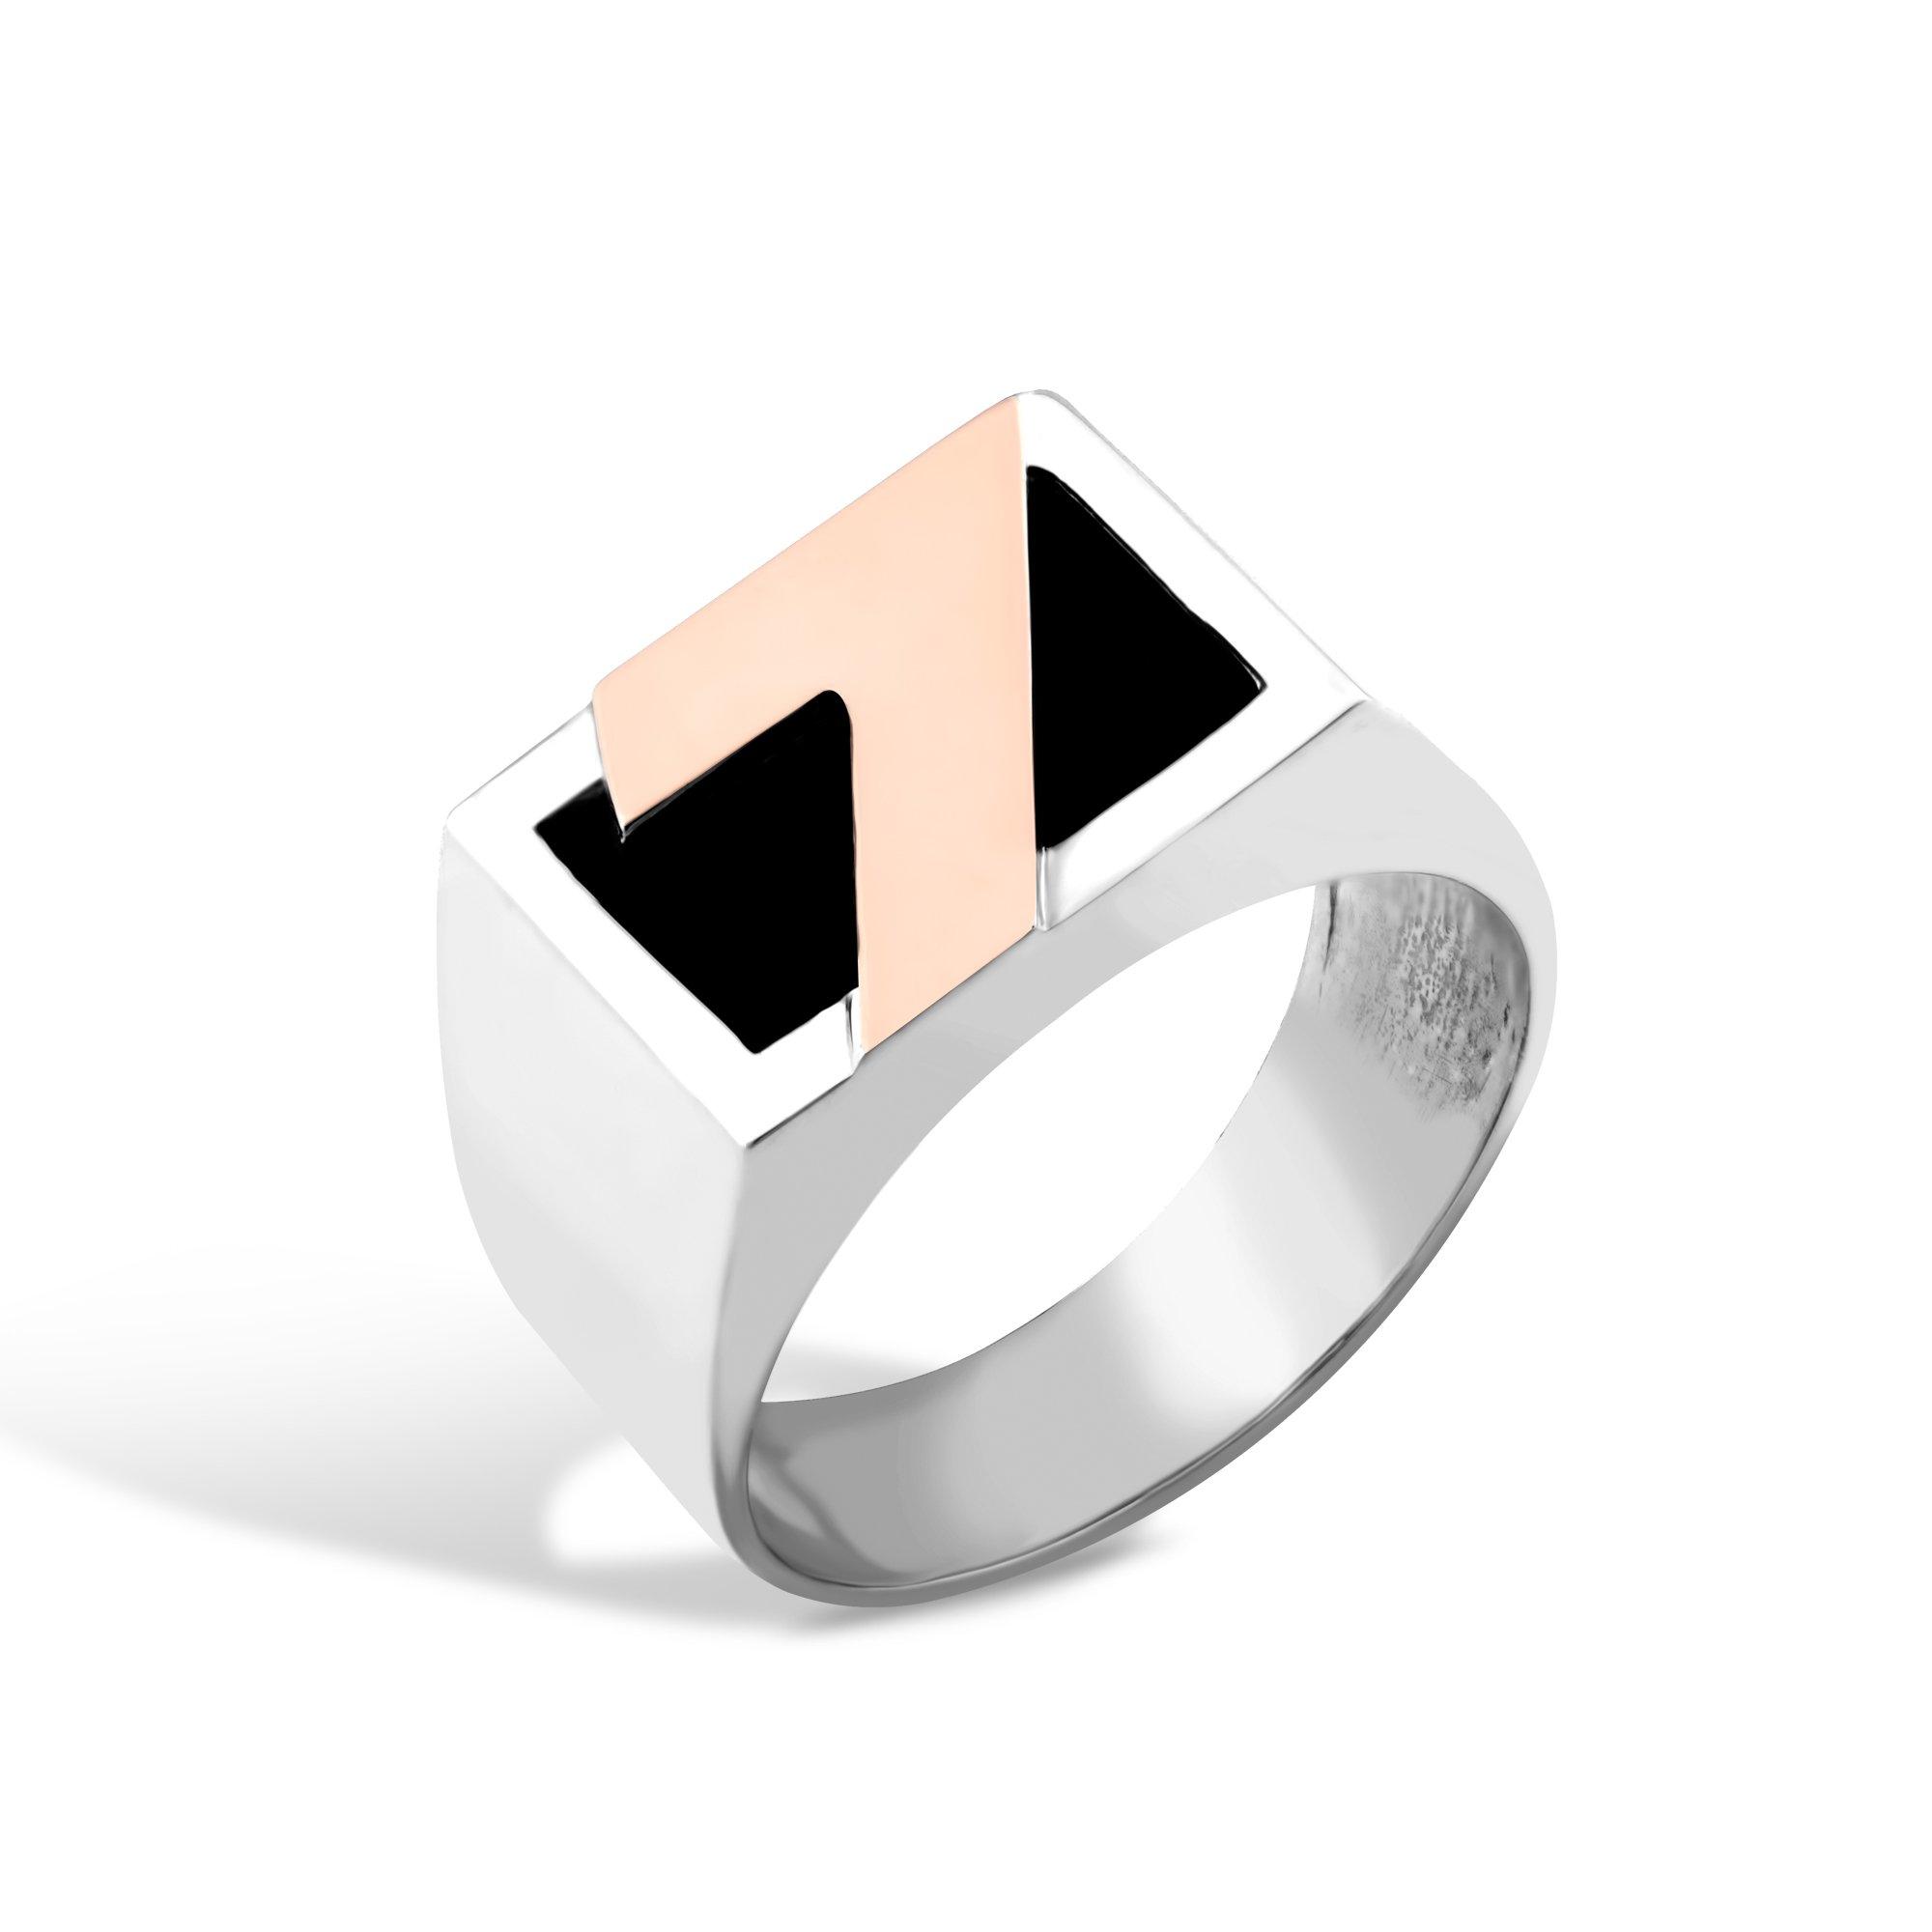 Серебряный перстень-печатка Счастливое число с золотой накладкой и имитацией оникса